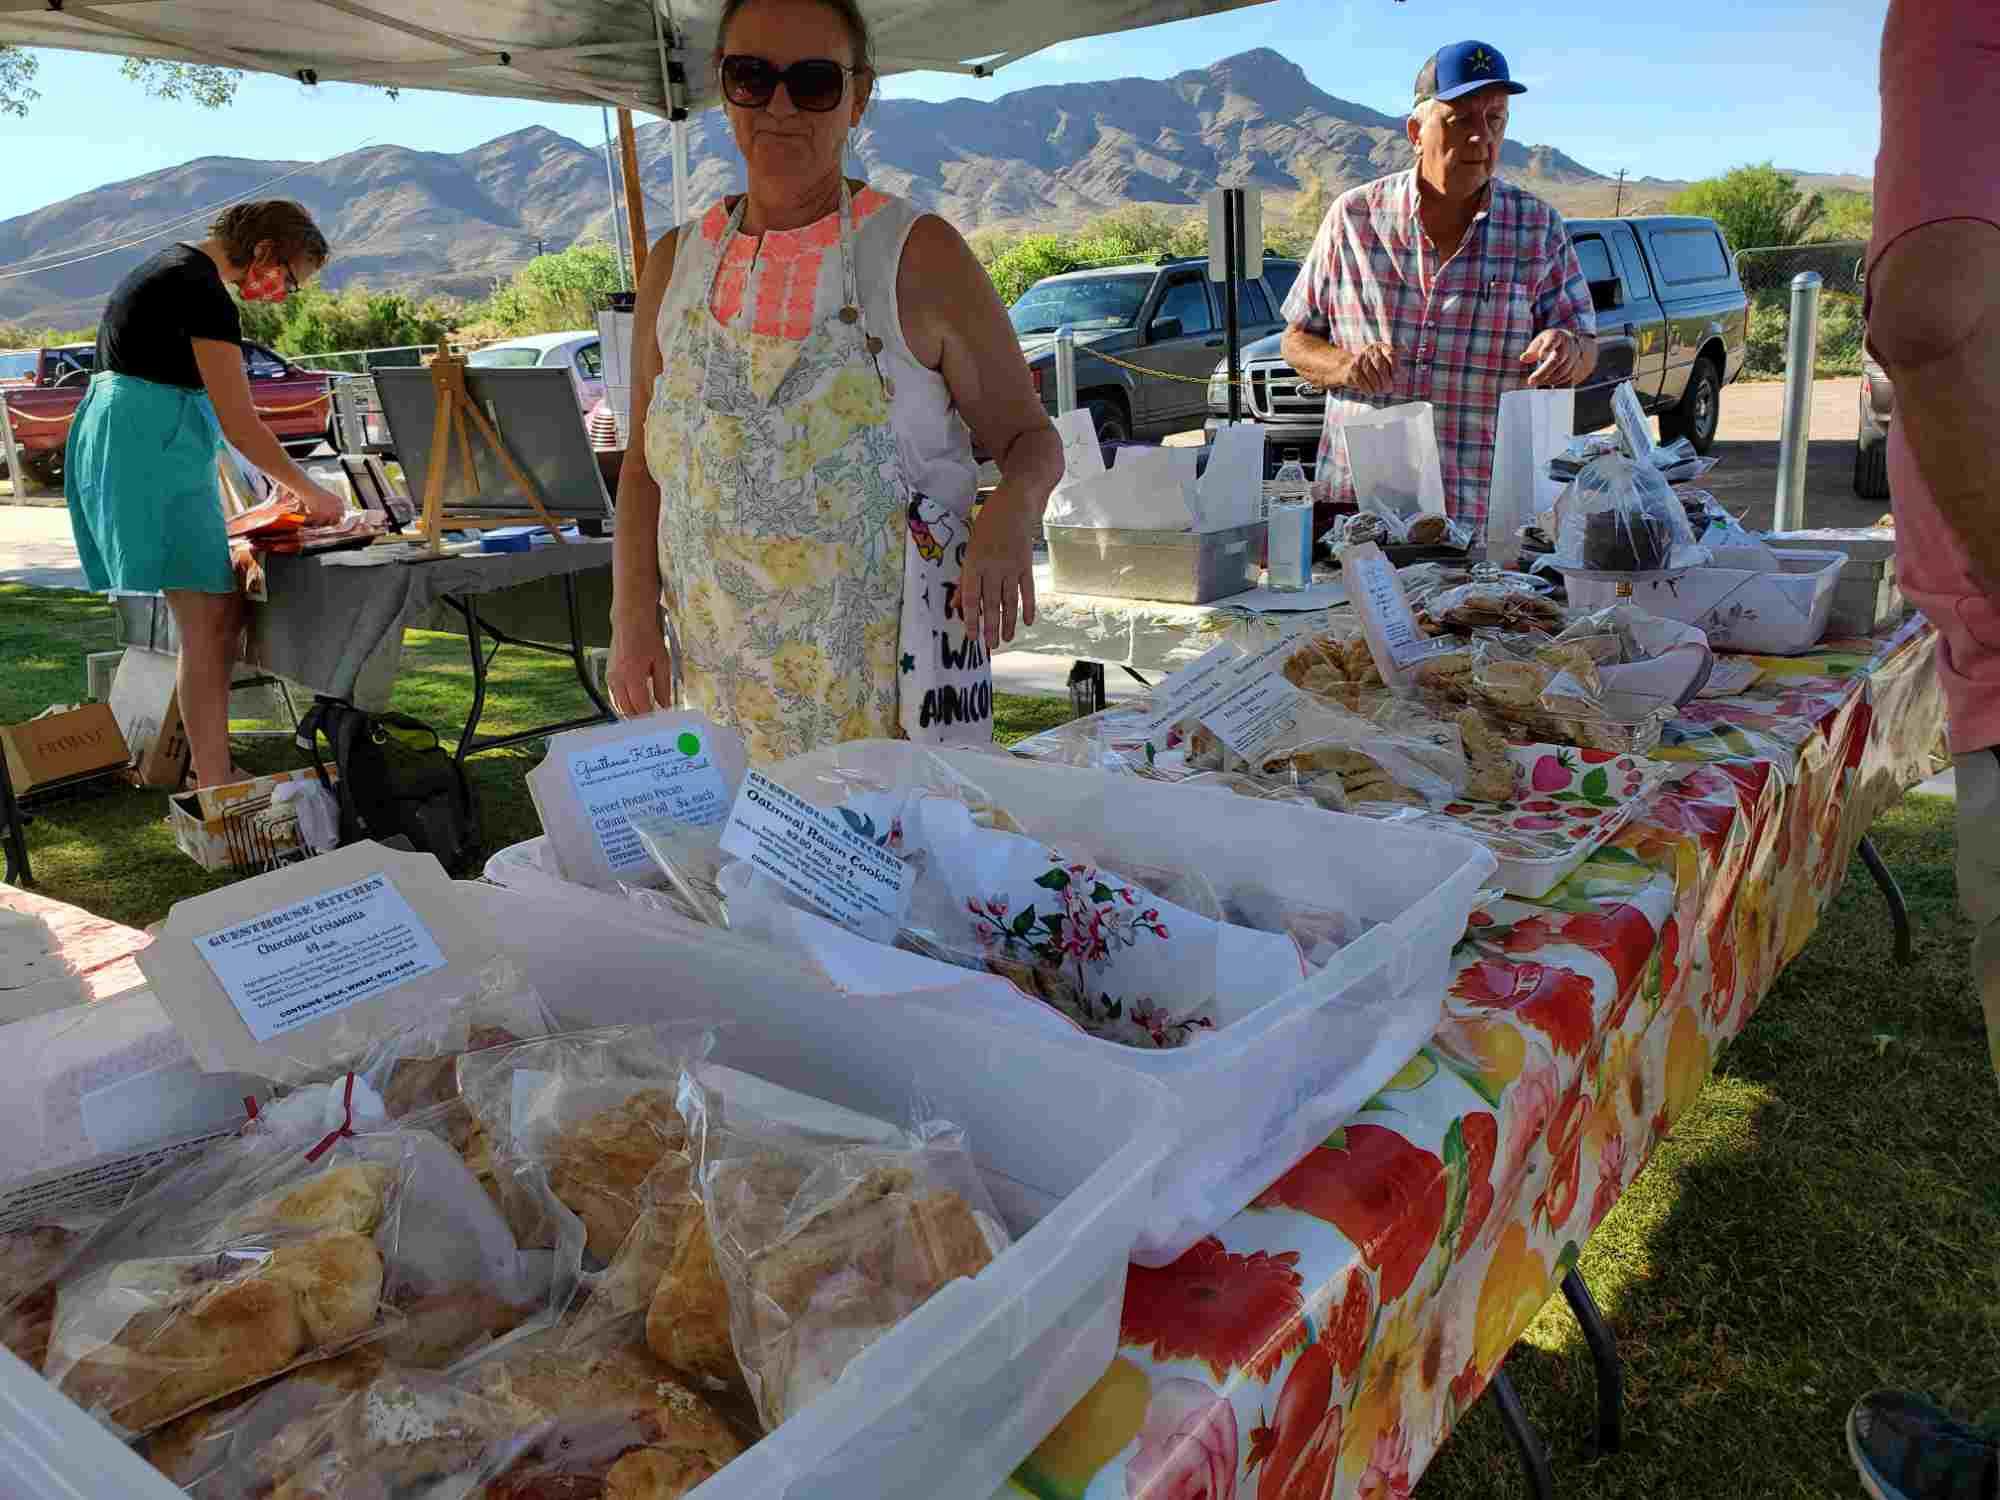 Sierra County Farmers Market baked goods